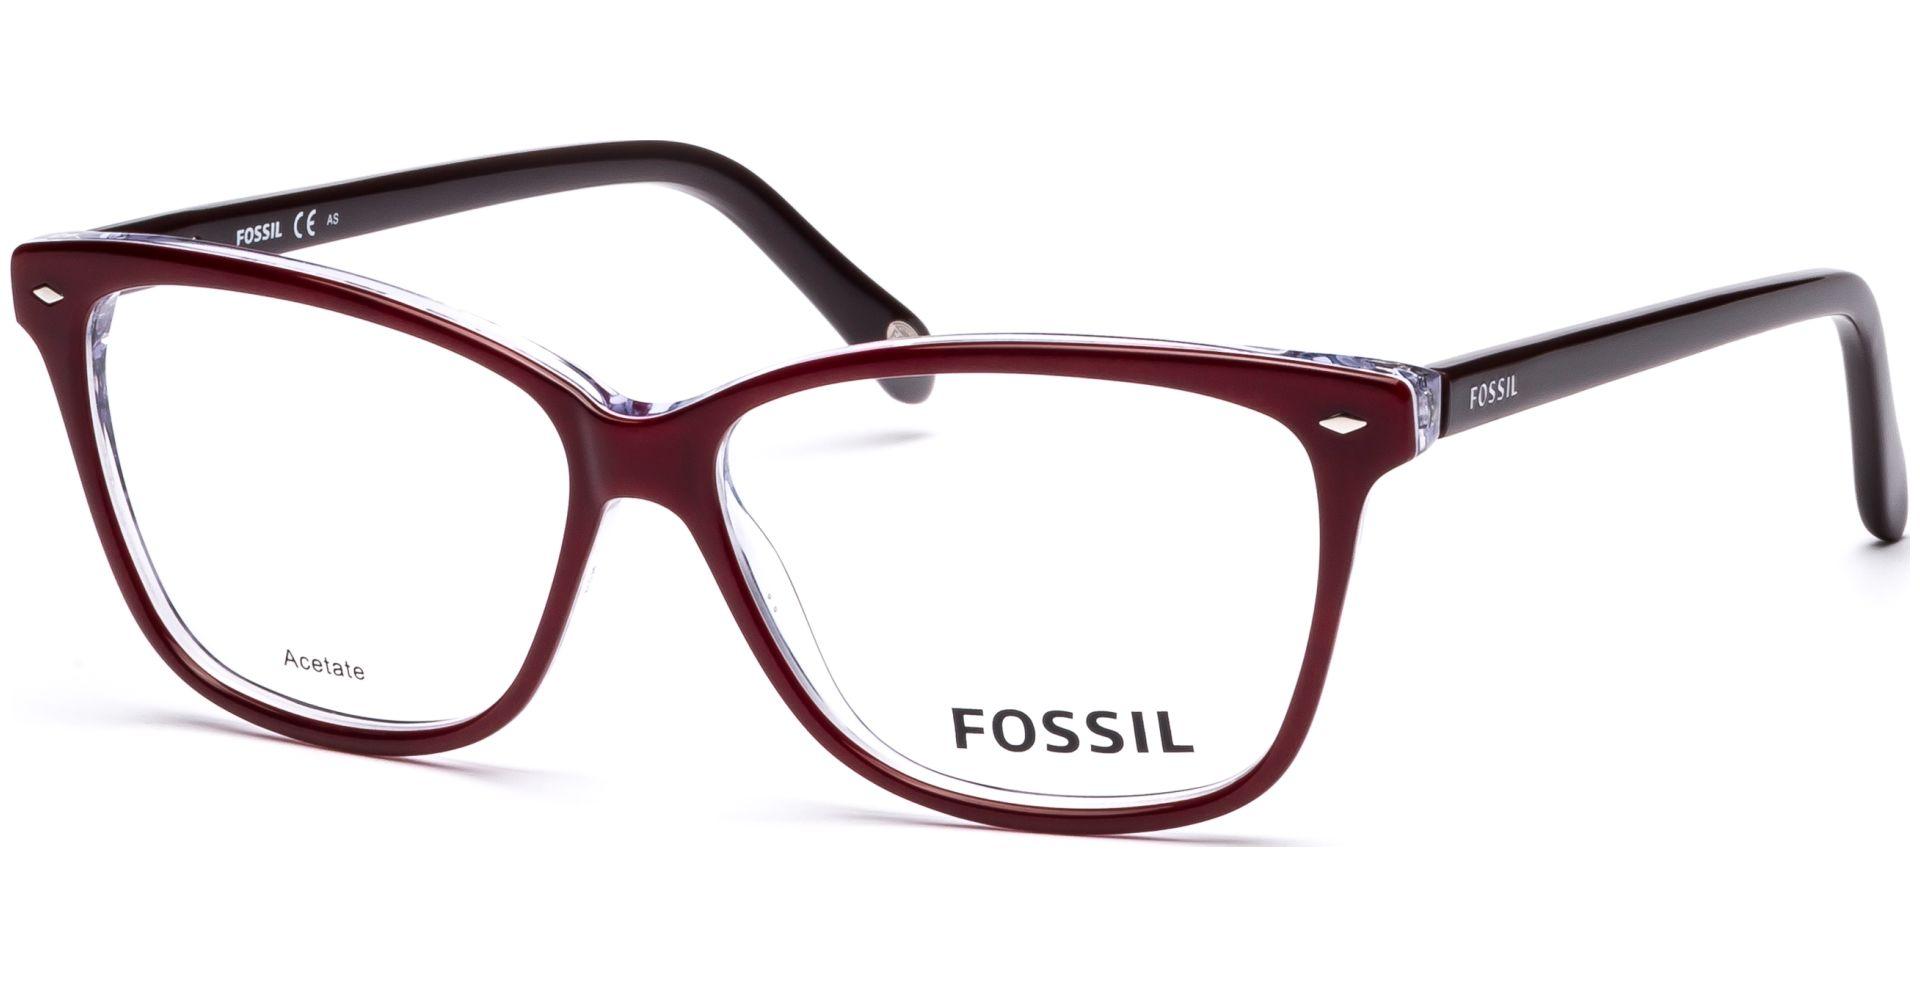 Fossil Damen Brillengestelle